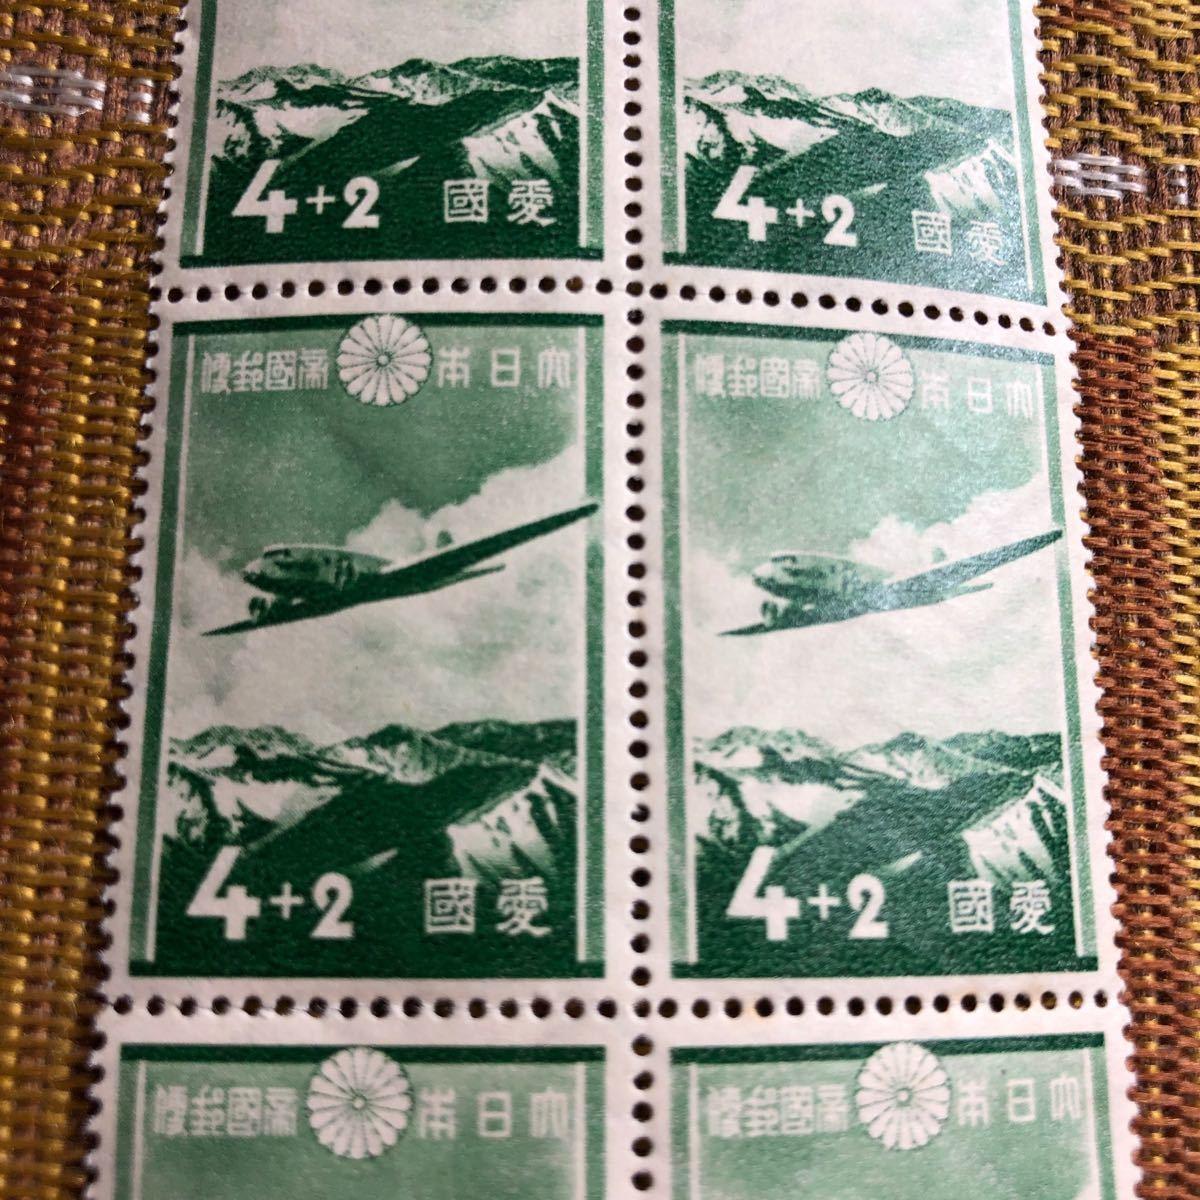 昭和12年愛国募金切手4銭10枚ブロック カタログ価8千円以上!裏糊ツヤピカ!